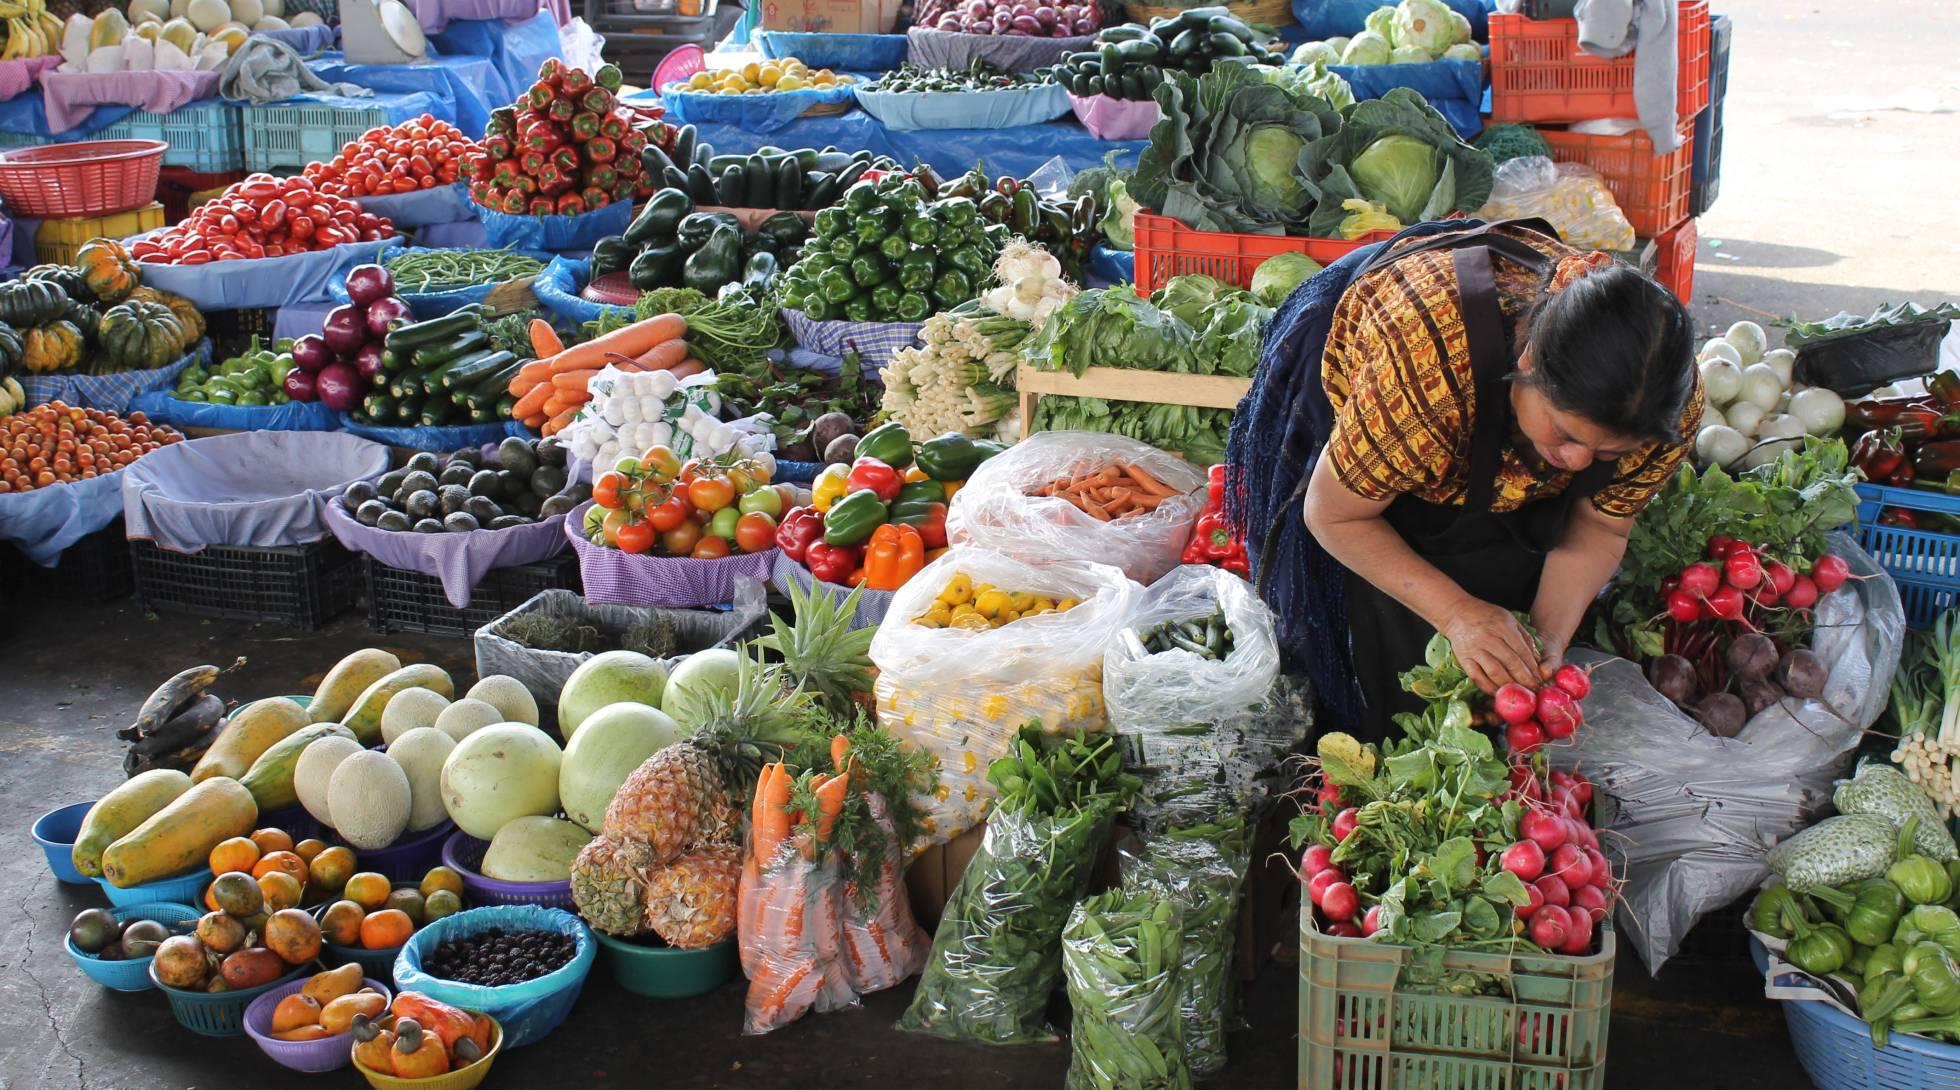 Uma vendedora de hortaliças na Guatemala. (FOTO: Isabelle Schaefer/Banco Mundial)